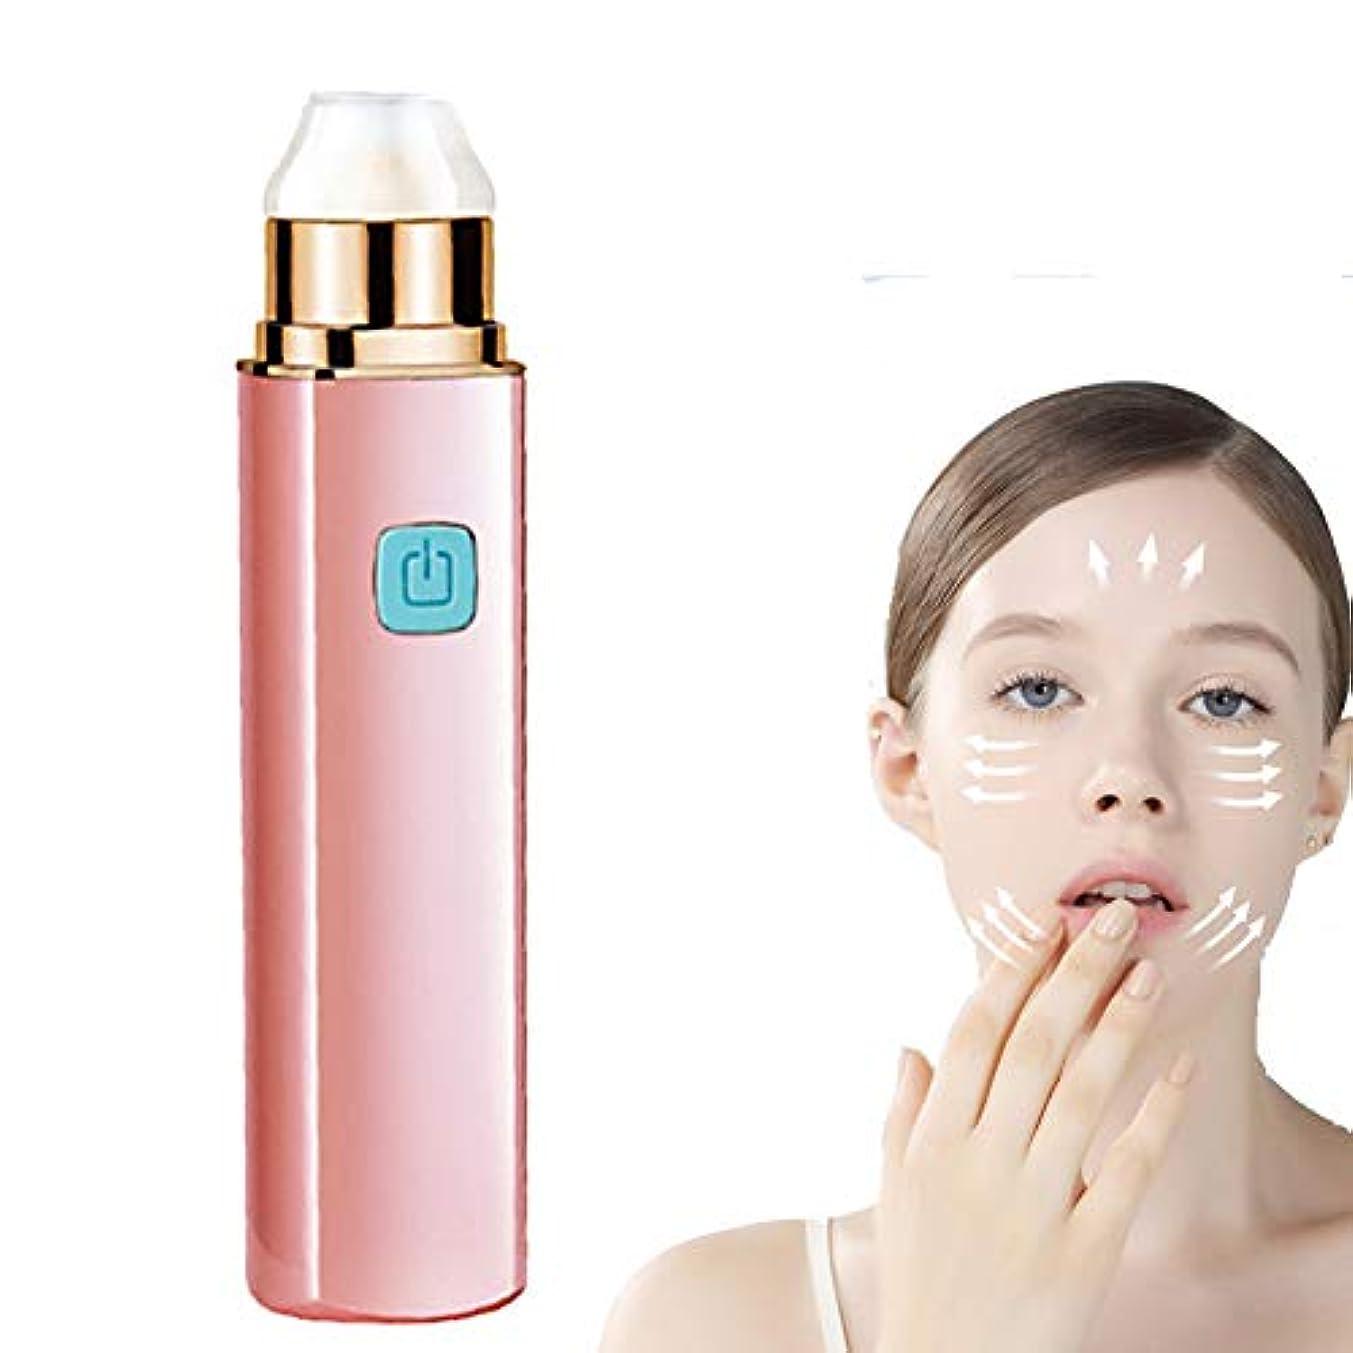 毒豊富気分が悪いミニ美容機器、電気ブラックヘッドリムーバー、クリーン毛穴機器、顔の皮膚の削除ツールのクリーニング